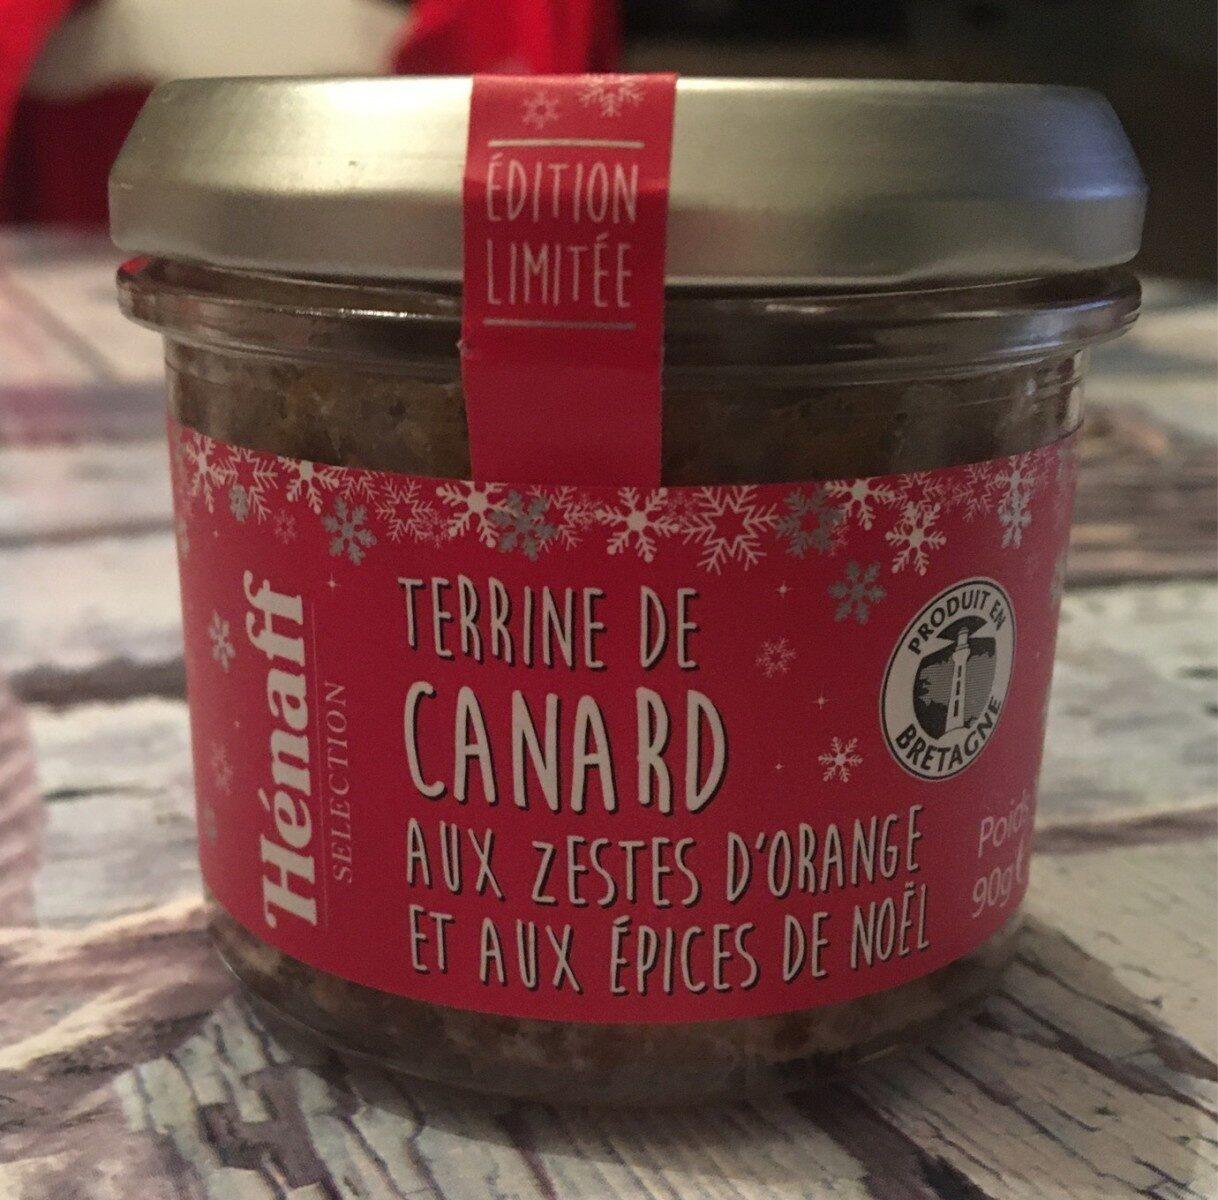 Terrine de canard aux zestes d'oranges et aux épices de Noël - Product - fr